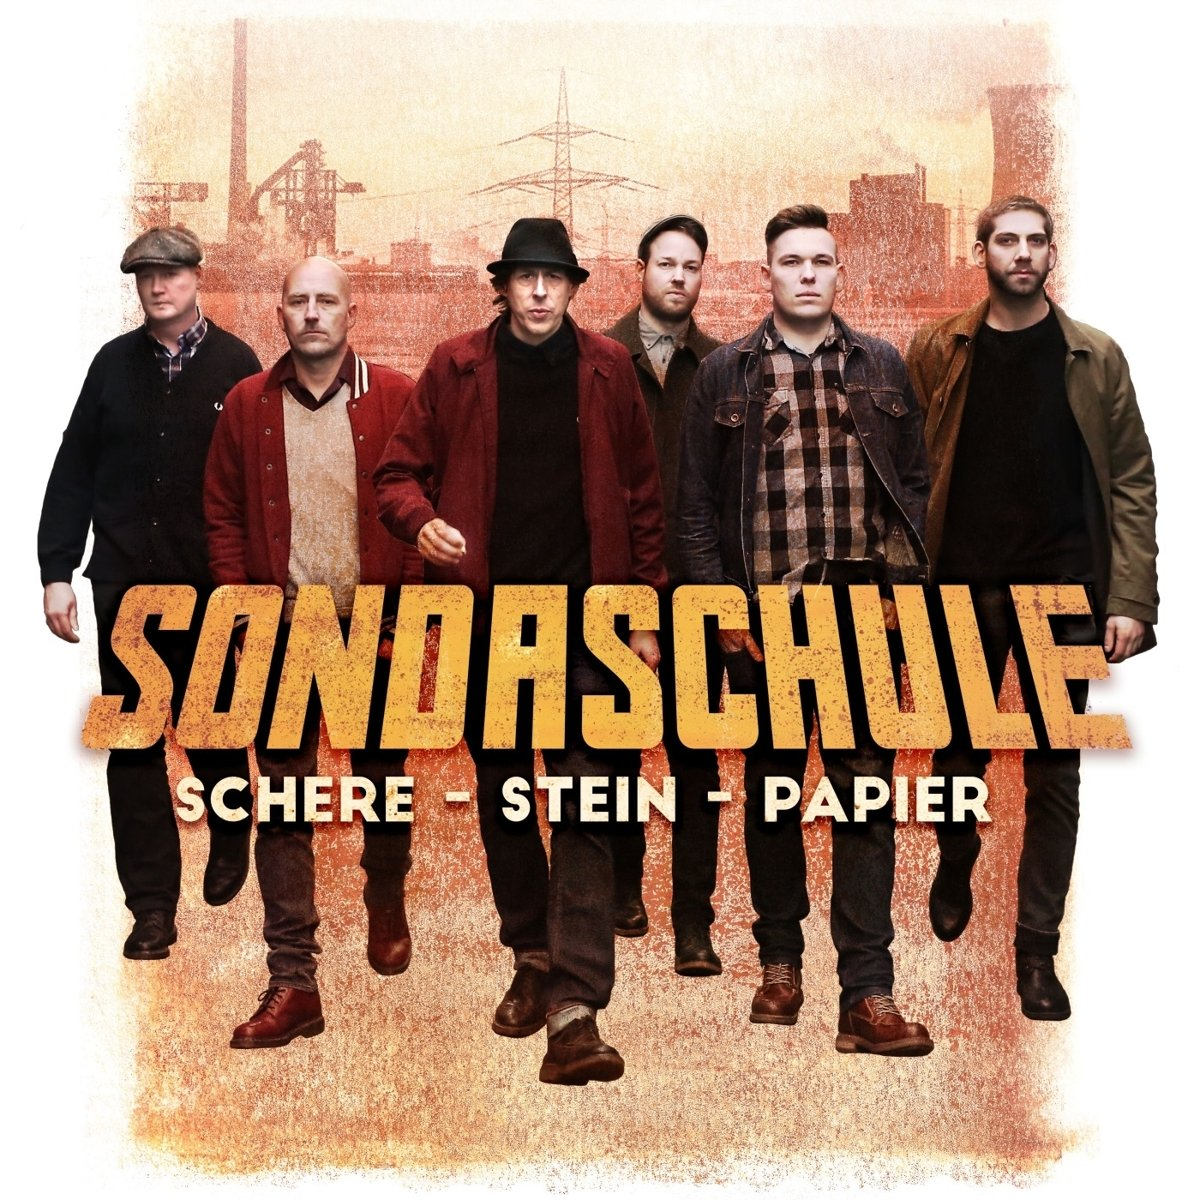 Schere - Stein - Papier